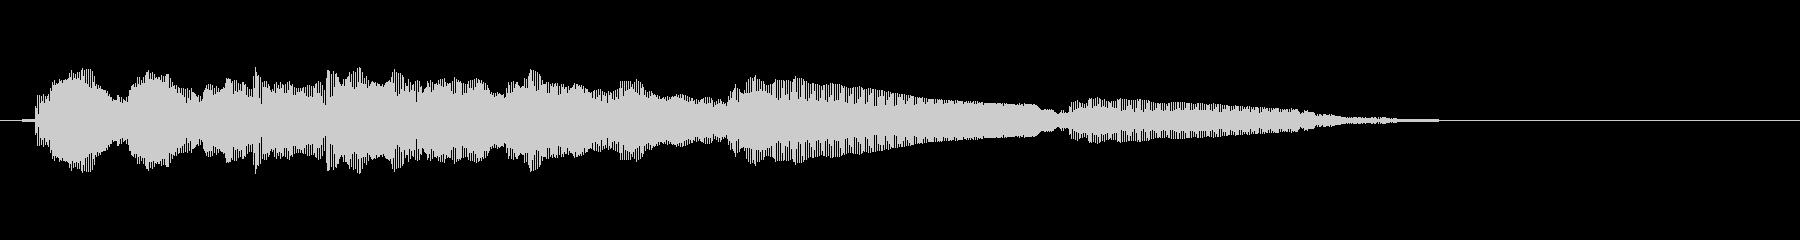 エレキギター5弦チューニング1リバーブの未再生の波形